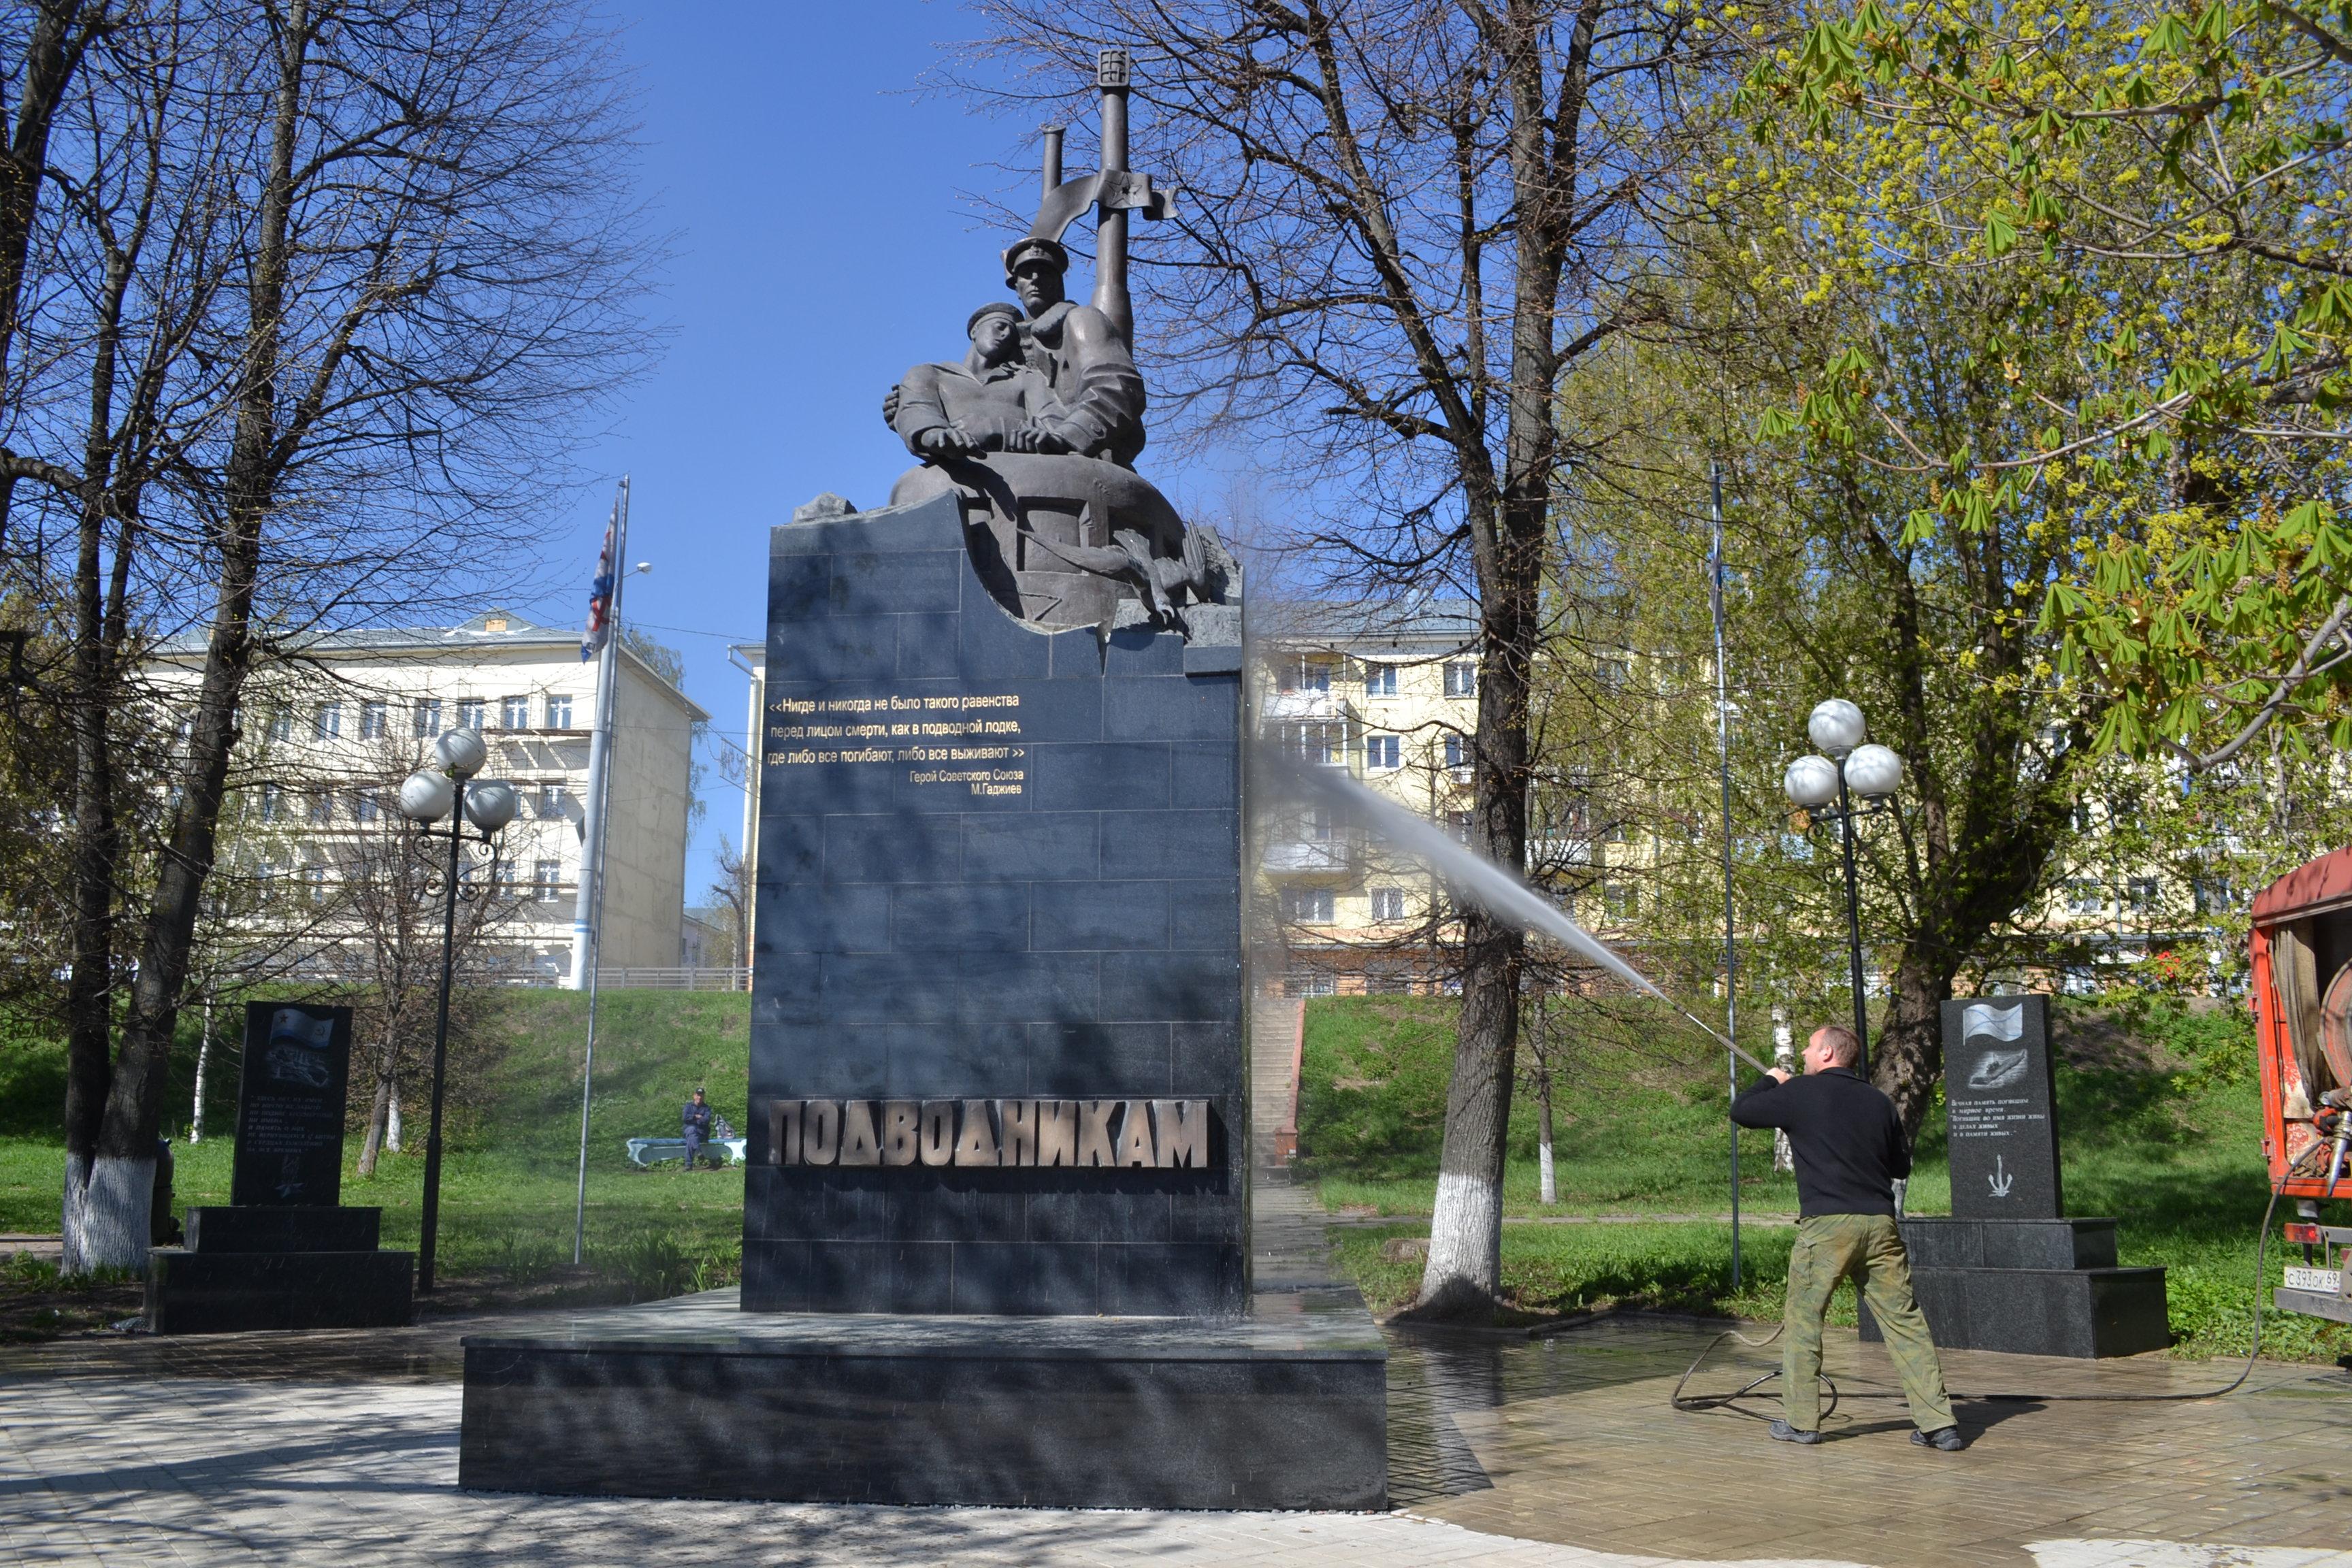 Памятники в нижнем новгороде цены 39 больница цены на памятники в гомеля кафе